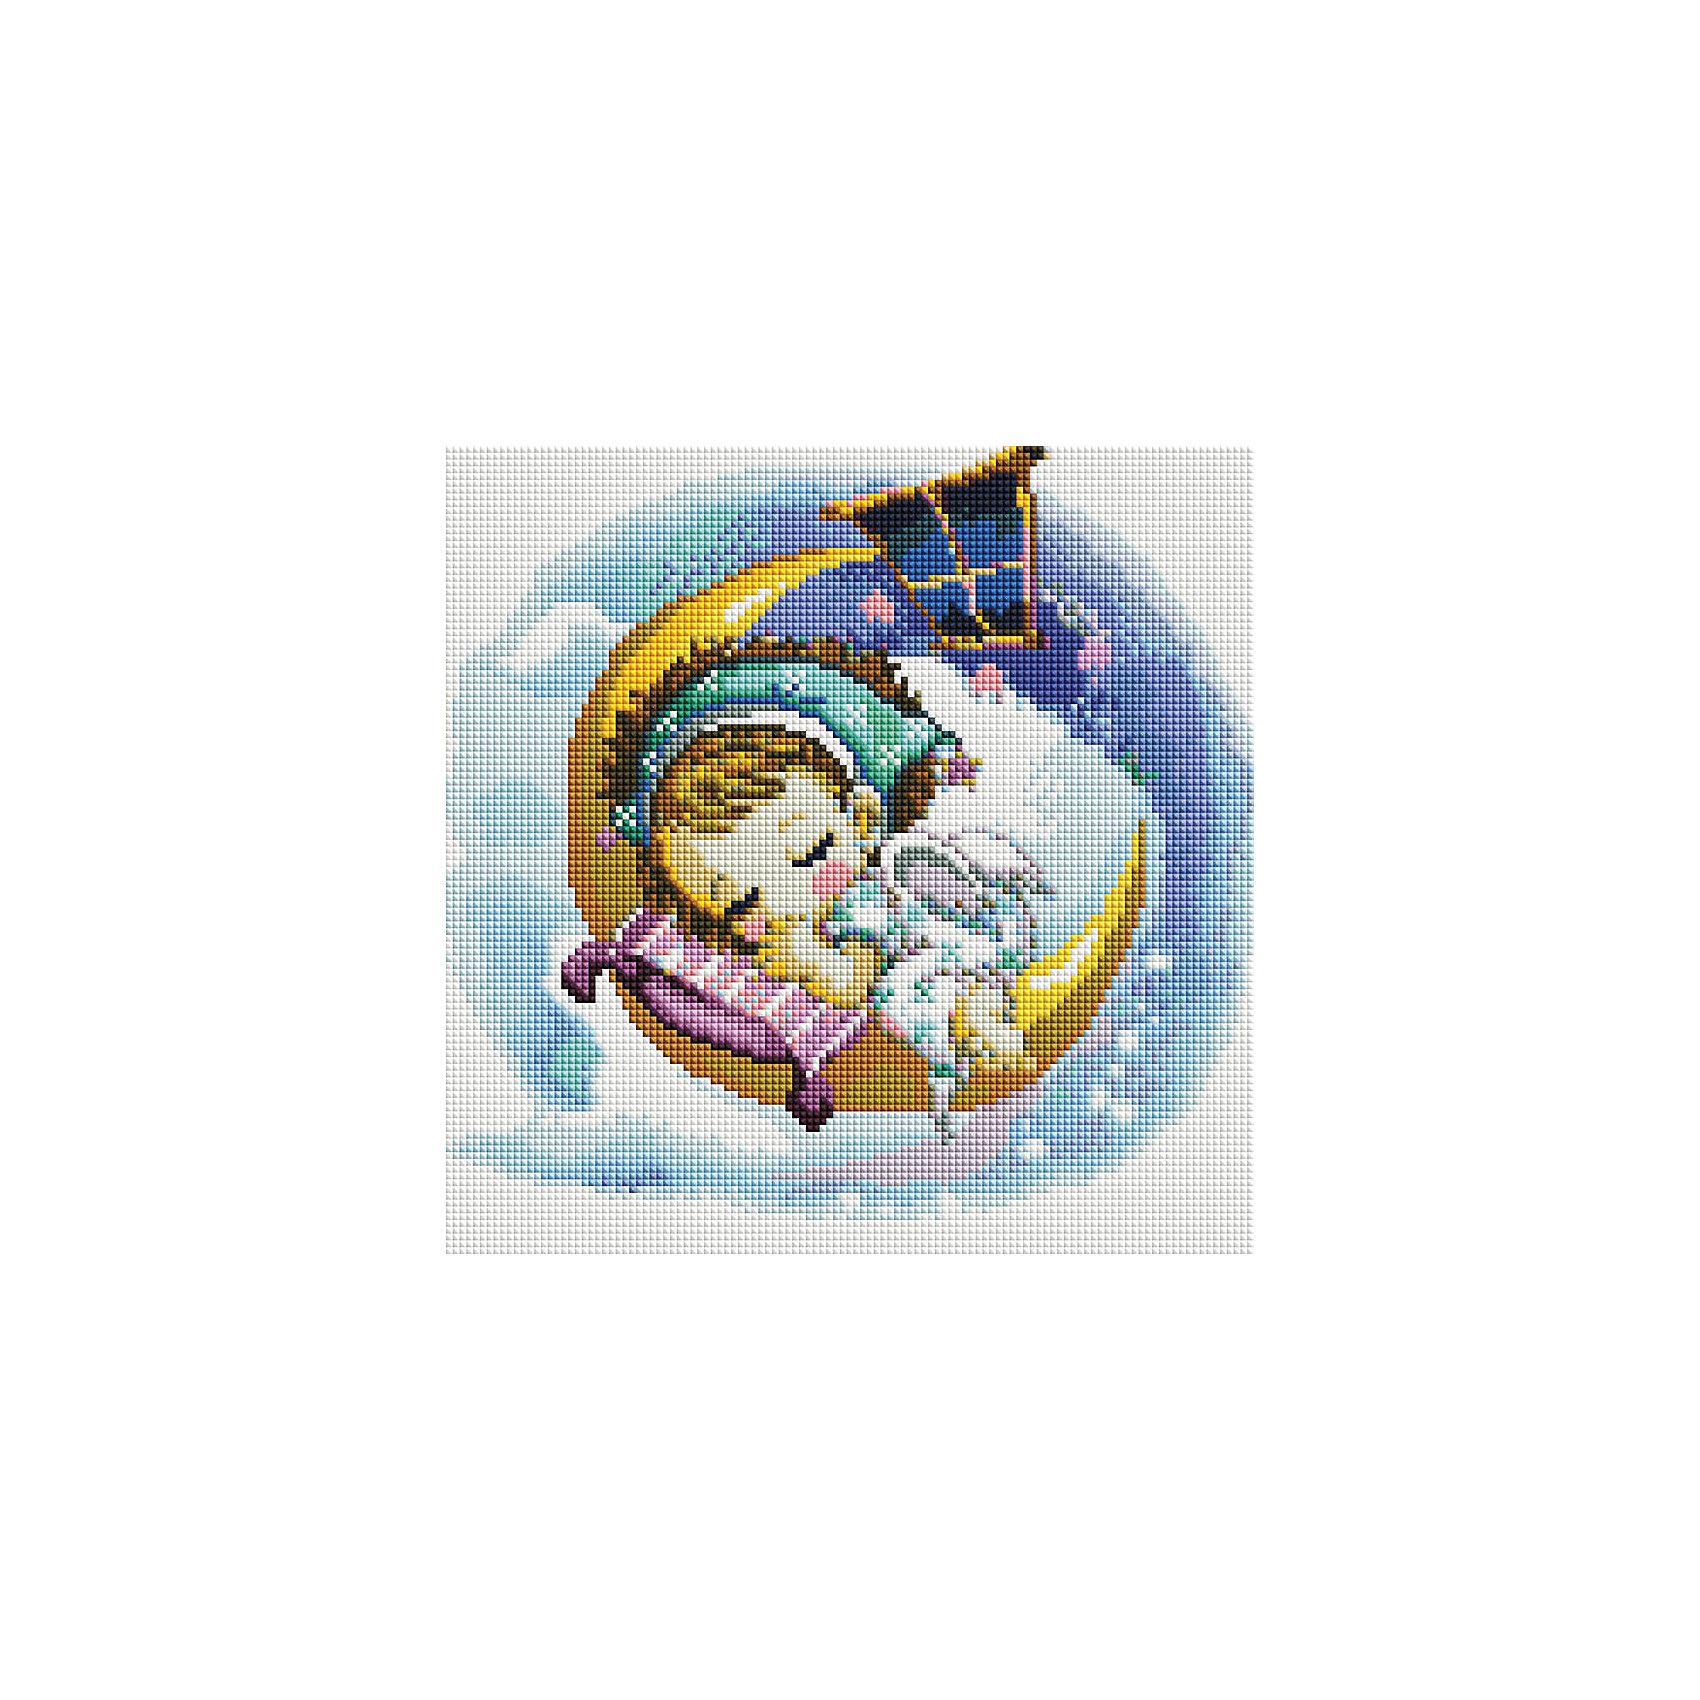 Мозаика на подрамнике Нежный сонМозаика<br>Характеристики:<br><br>• Предназначение: для творческих занятий<br>• Тематика: ангелочки<br>• Пол: для девочек<br>• Материал: дерево, бумага, пластик<br>• Цвет: желтый, белый, синий, голубой, розовый и др.<br>• Количество цветов: 38<br>• Комплектация: холст на подрамнике, стразы, пинцет, карандаш для камней, клей, лоток для камней инструкция<br>• Размеры готовой работы (Ш*Д): 30*30 см<br>• Тип выкладки камней: сплошное заполнение рисунка<br>• Стразы квадратные формы ограненные<br>• Вес: 760 г <br>• Упаковка: картонная коробка<br><br>Мозаика на подрамнике Нежный сон – это набор от торговой марки Белоснежка, специализирующейся на товарах для творчества и рукоделия. Комплект для мозаики состоит из холста на деревянном подрамнике, набора необходимых камней и приспособлений для их выкладки. На холст нанесен рисунок с указанием цвета камней. С помощью пинцета выкладывается картина способом сплошного заполнения, что создает реалистичность изображения. Все материалы, используемые в наборе, экологичные и натуральные. Готовые наборы научат вашего ребенка сочетать цвета и оттенки, действовать по заданному образцу, будут способствовать развитию внимательности, усидчивости и зрительному восприятию. <br>Занятия художественным творчеством являются не только средством творческого и эстетического развития, но также воспитания и коррекции эмоциональных комплексов у детей и подростков. <br><br>С наборами от Белоснежки можно создать как отдельную картину, так и использовать поделку в качестве оригинального и яркого аксессуара для оформления интерьера или других более крупных предметов и поделок.<br><br>Мозаику на подрамнике Нежный сон можно купить в нашем интернет-магазине.<br><br>Ширина мм: 310<br>Глубина мм: 310<br>Высота мм: 25<br>Вес г: 767<br>Возраст от месяцев: 144<br>Возраст до месяцев: 192<br>Пол: Женский<br>Возраст: Детский<br>SKU: 5089767